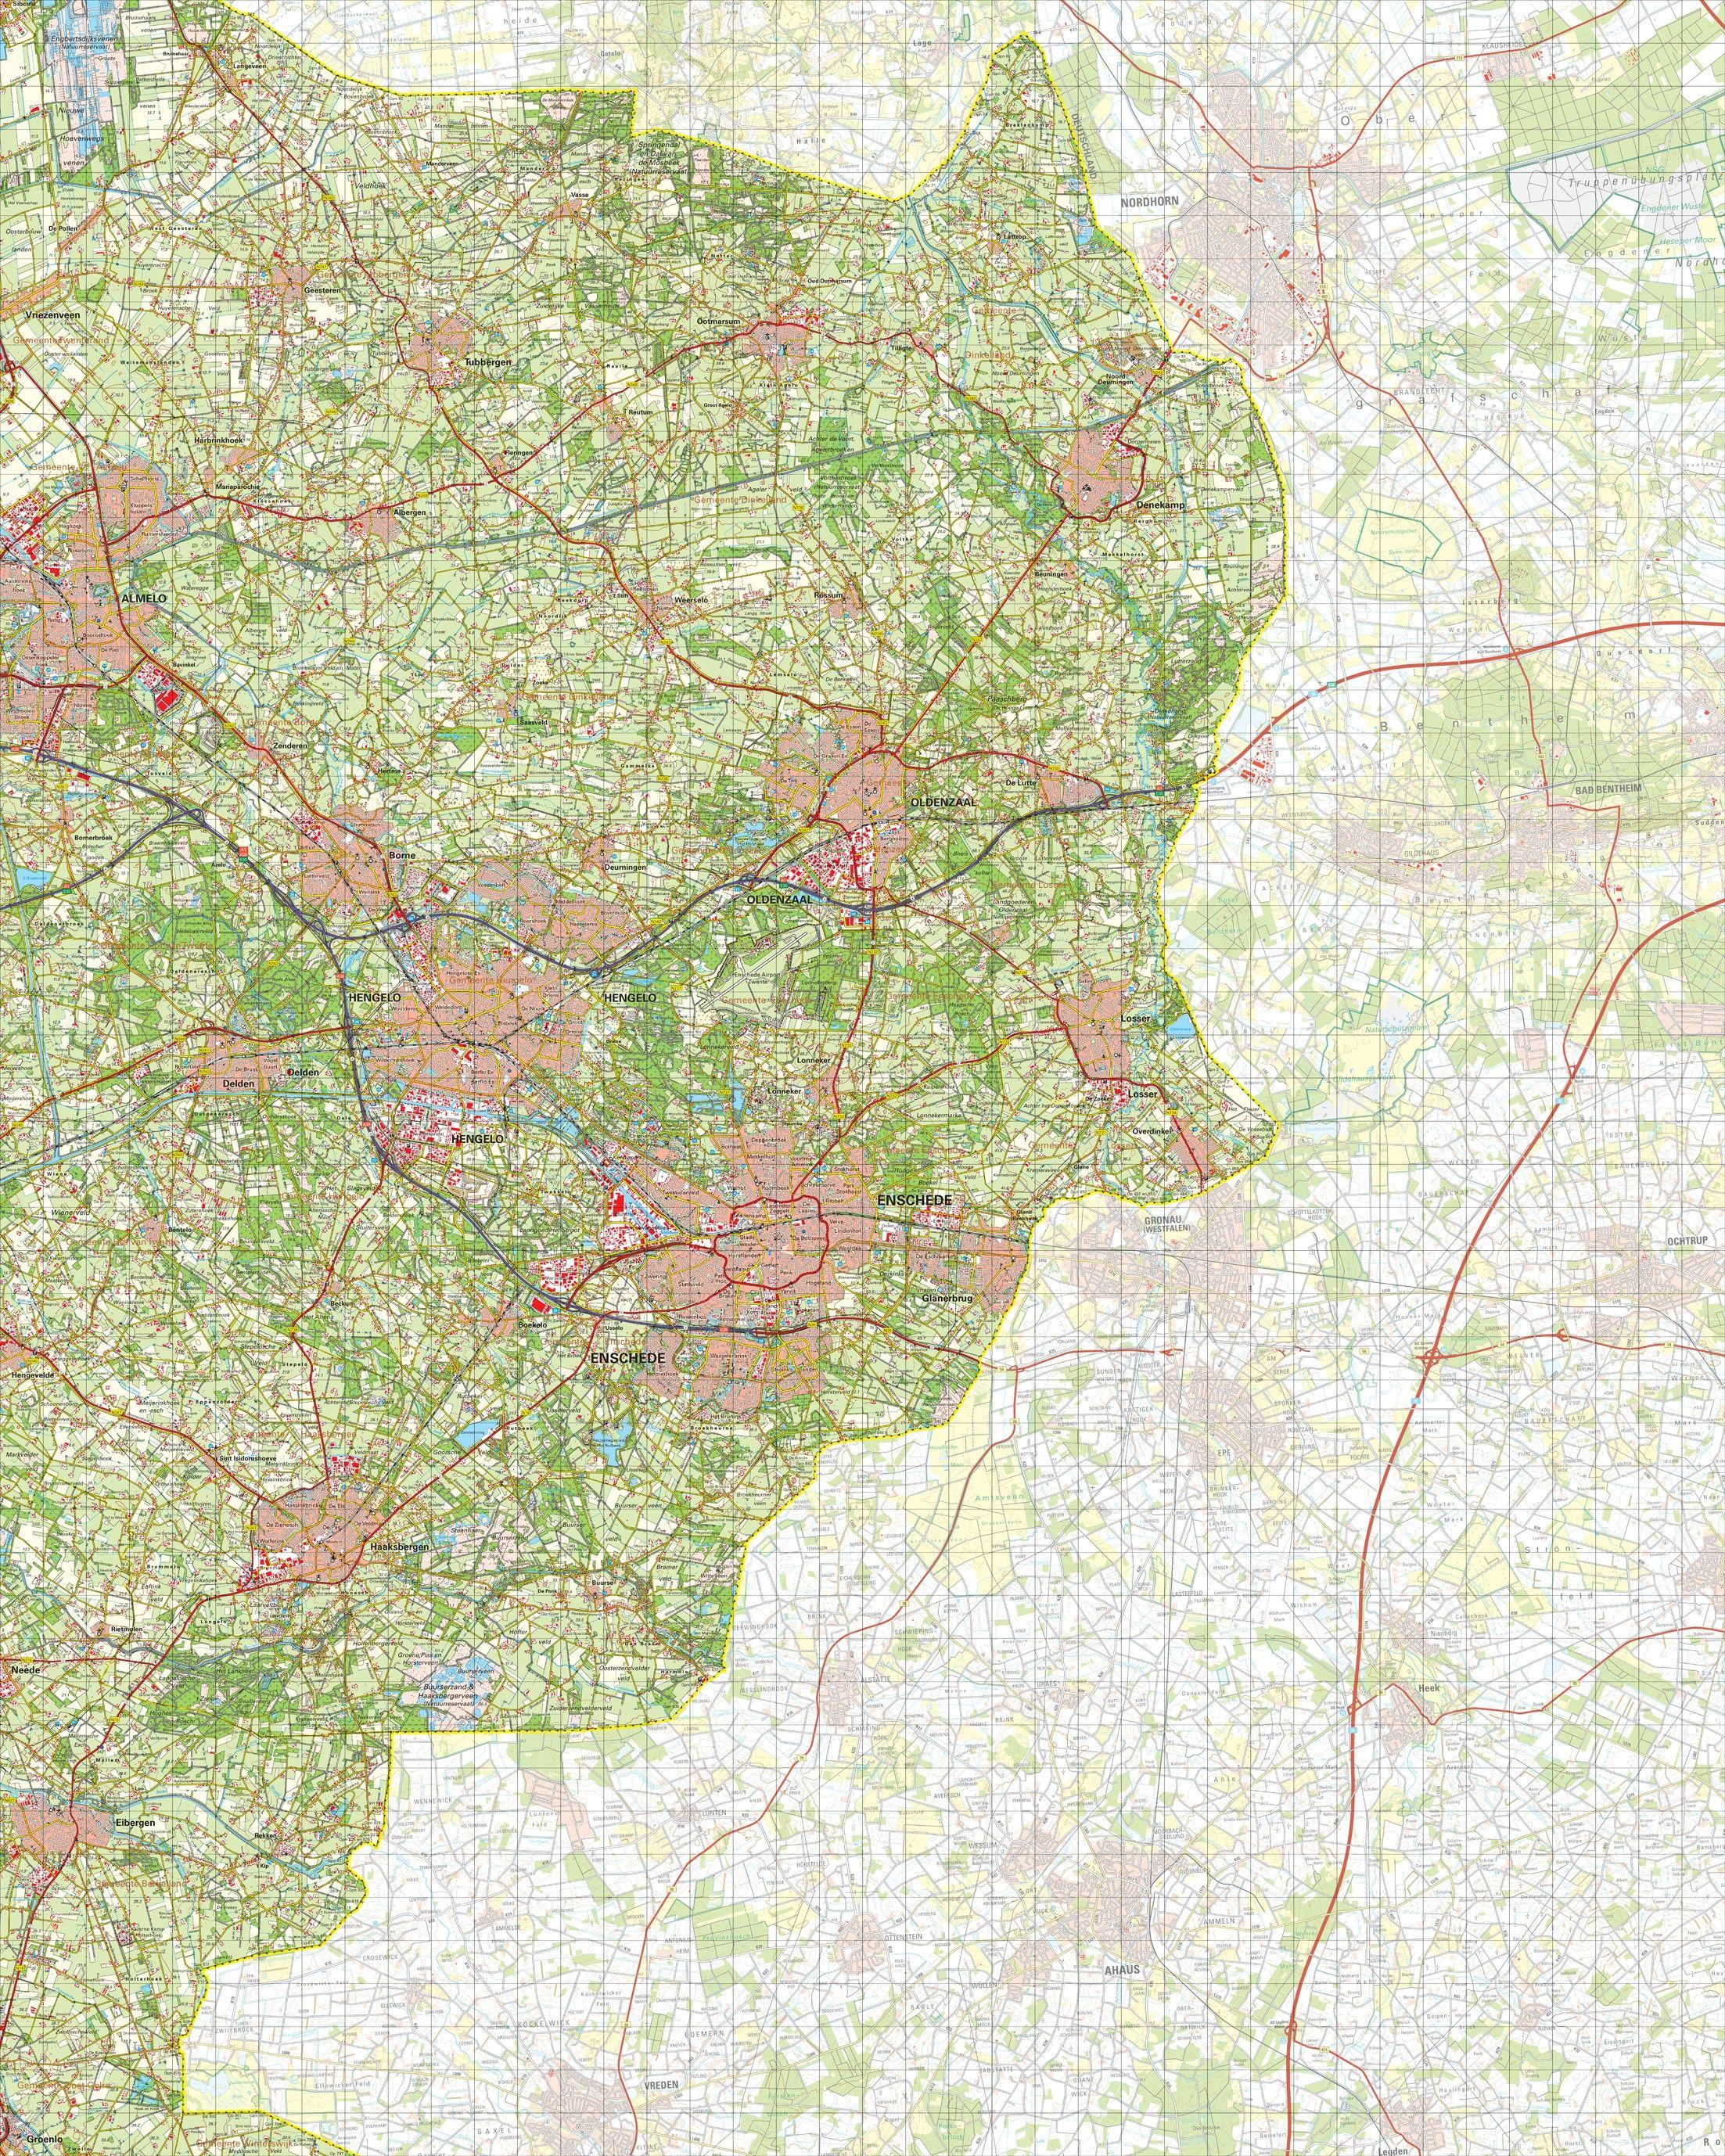 Topografische kaart schaal 1:50.000 (Almelo,Oldenzaal,Hengelo,Enschede,Haaksbergen)